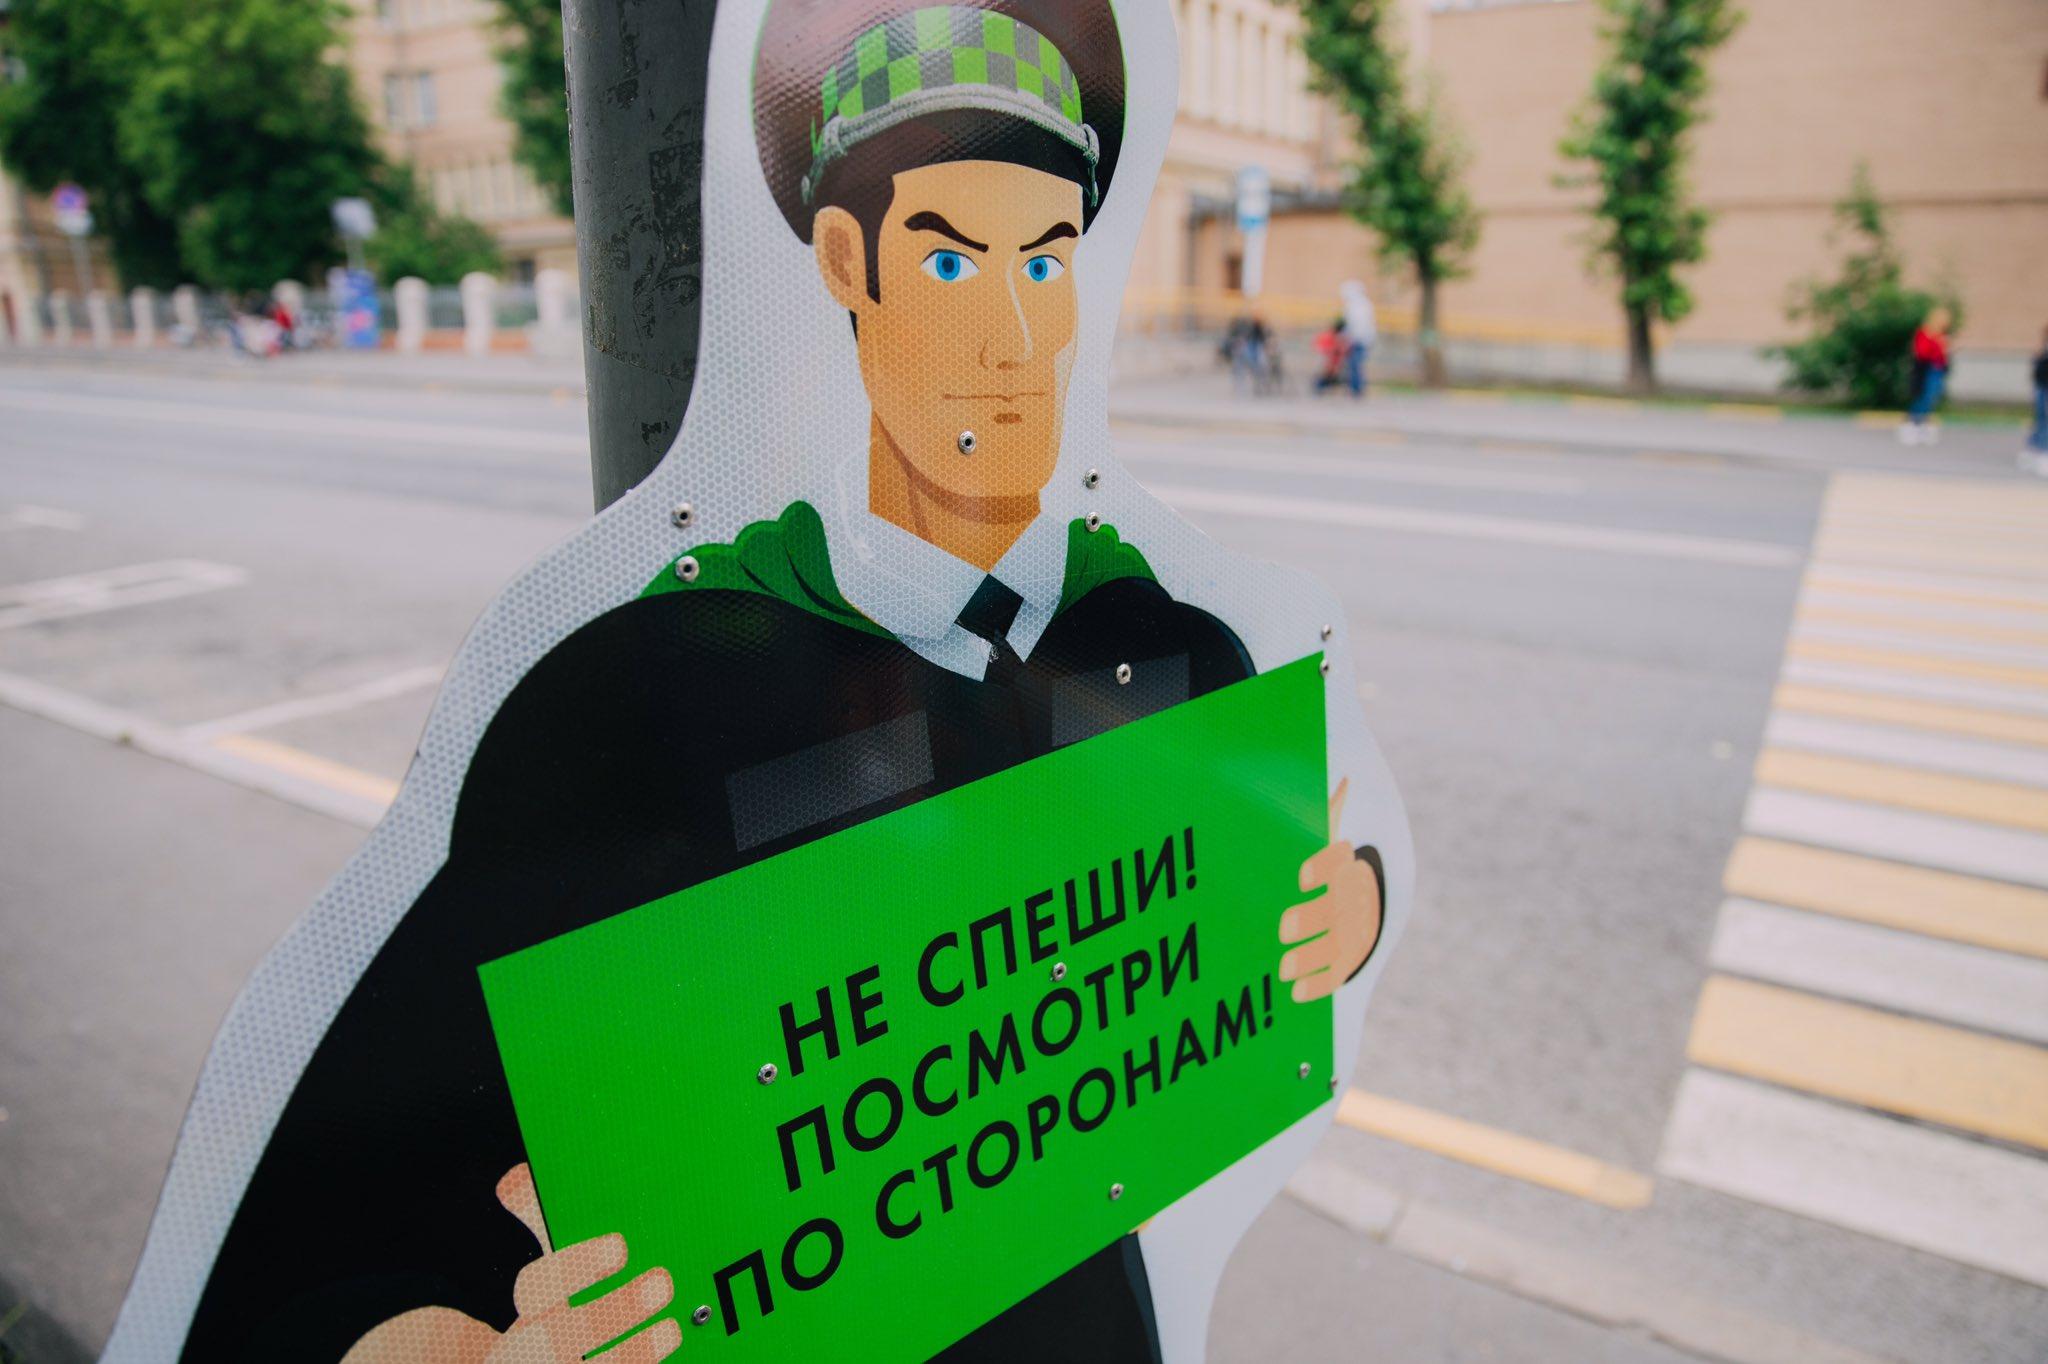 В Москве решили убивать детей